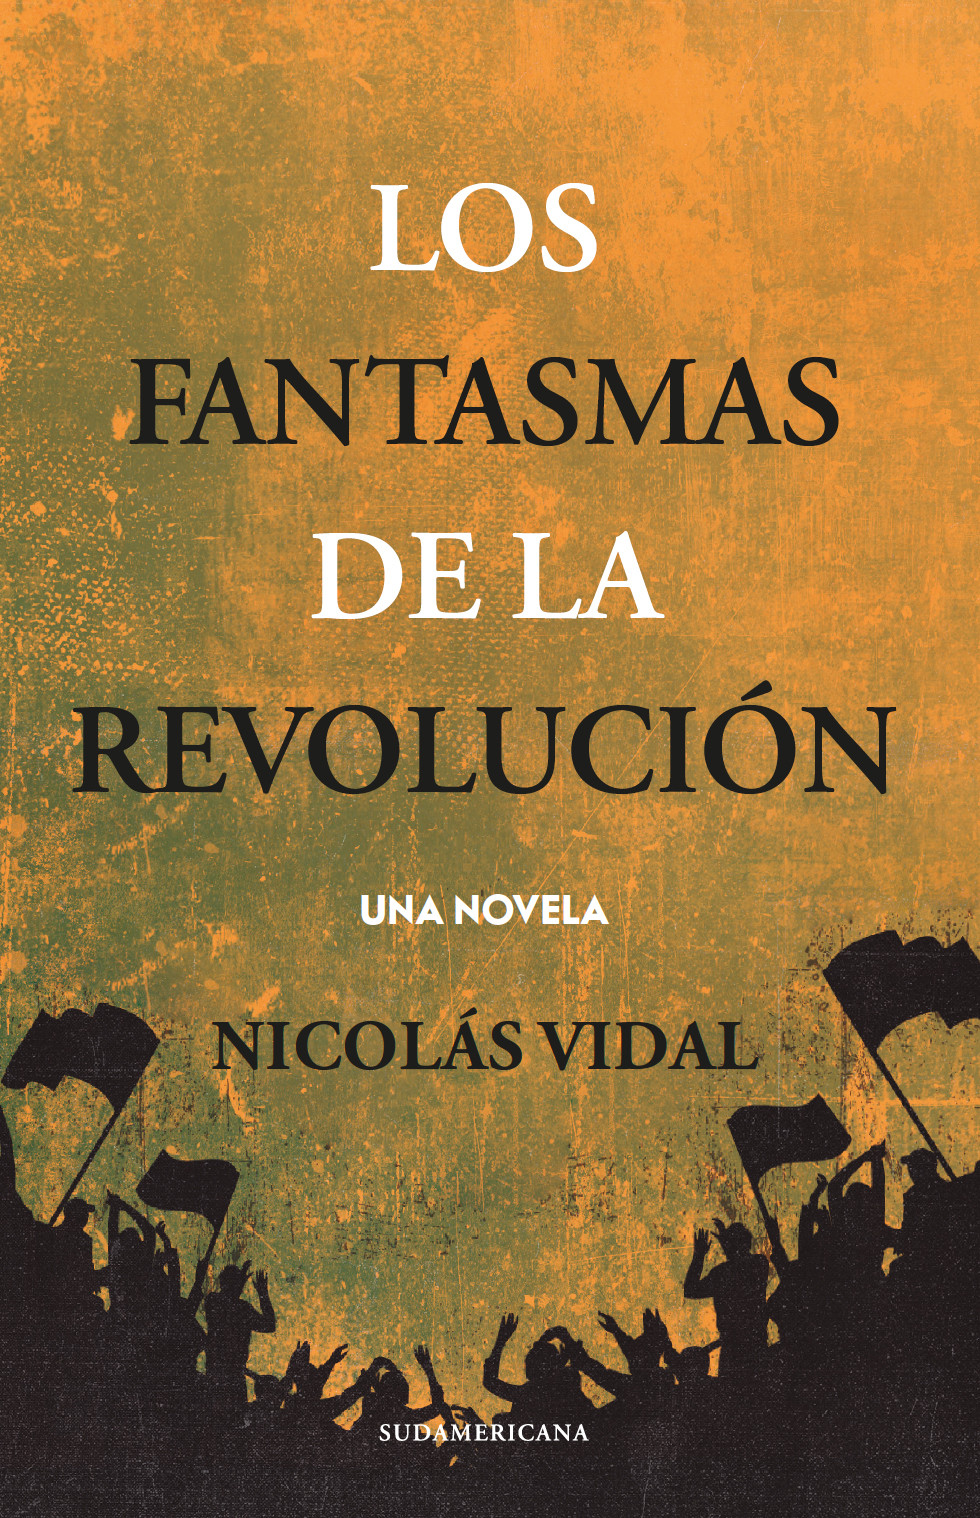 Los fantasmas de la revolución